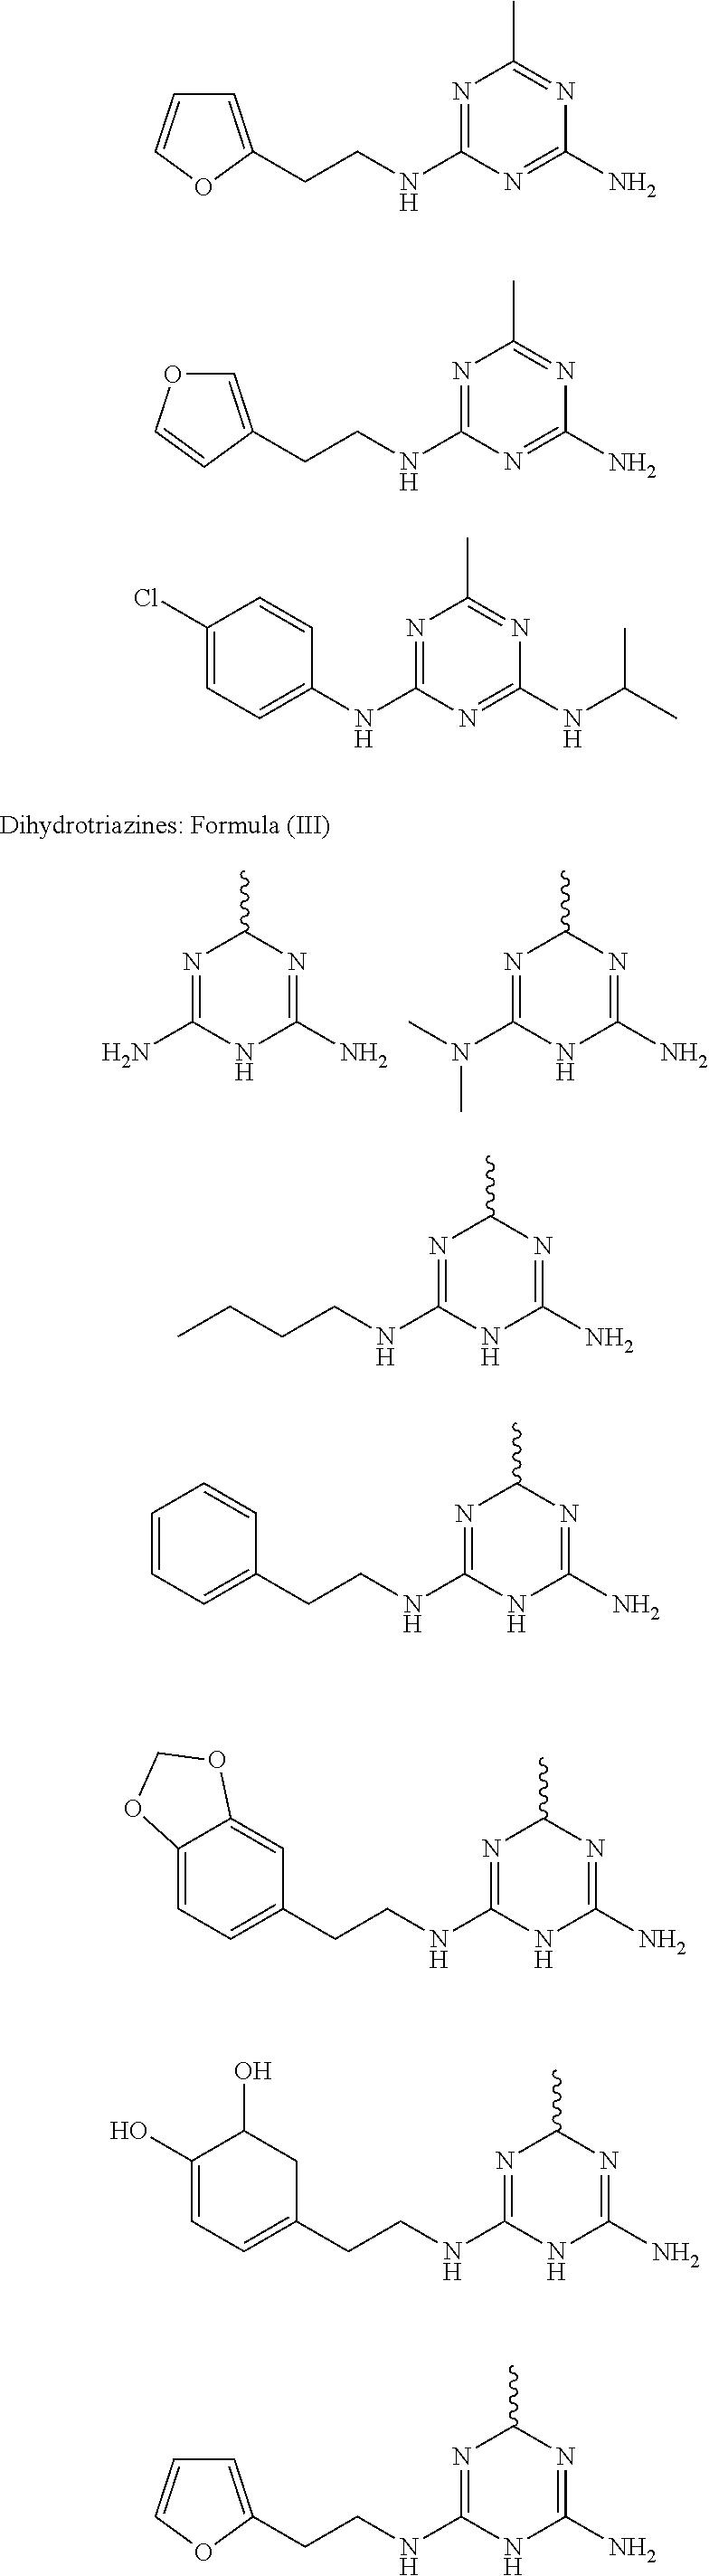 Figure US09480663-20161101-C00226